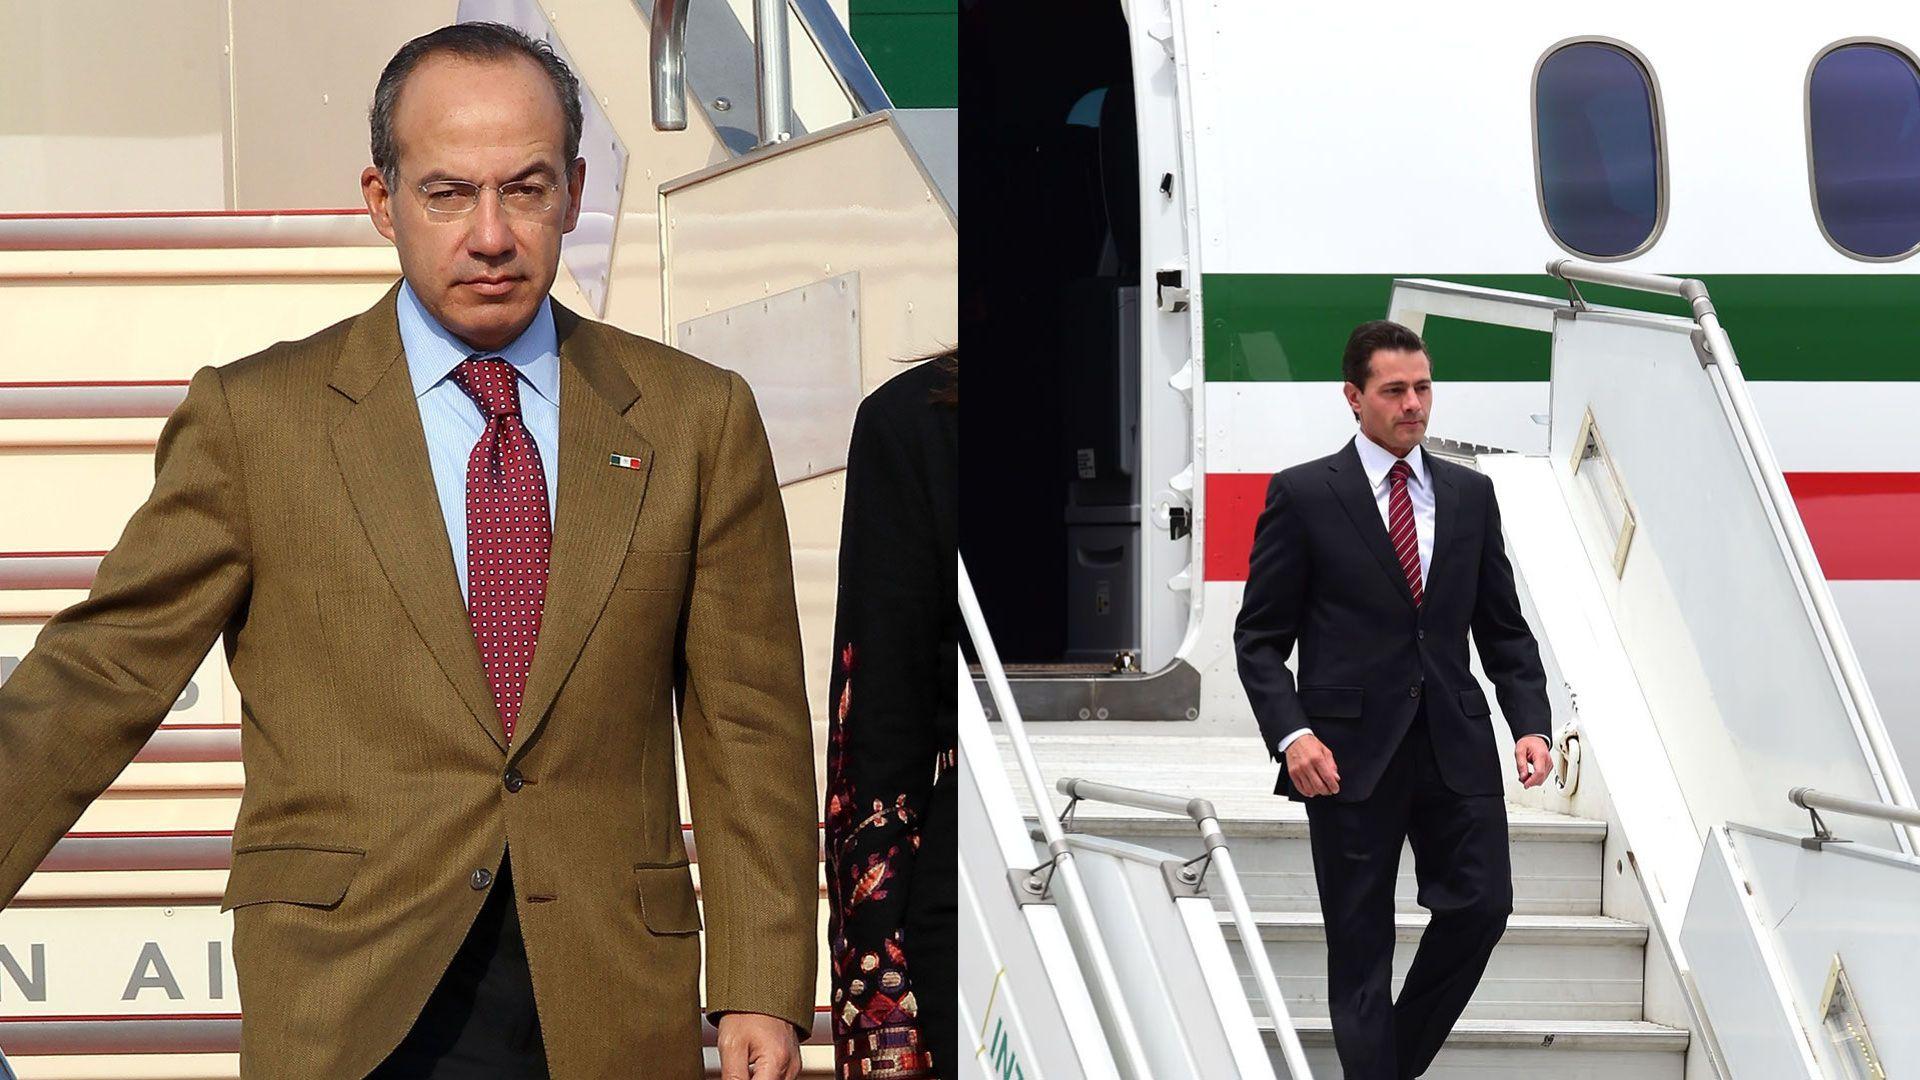 Los ex presidente Felipe Claderón y Enrique Peña Nieto  gastaron altas sumas de dinero en helicópteros y aviones que ahora López Obrador tiene planes para vender (Foto: Especial)